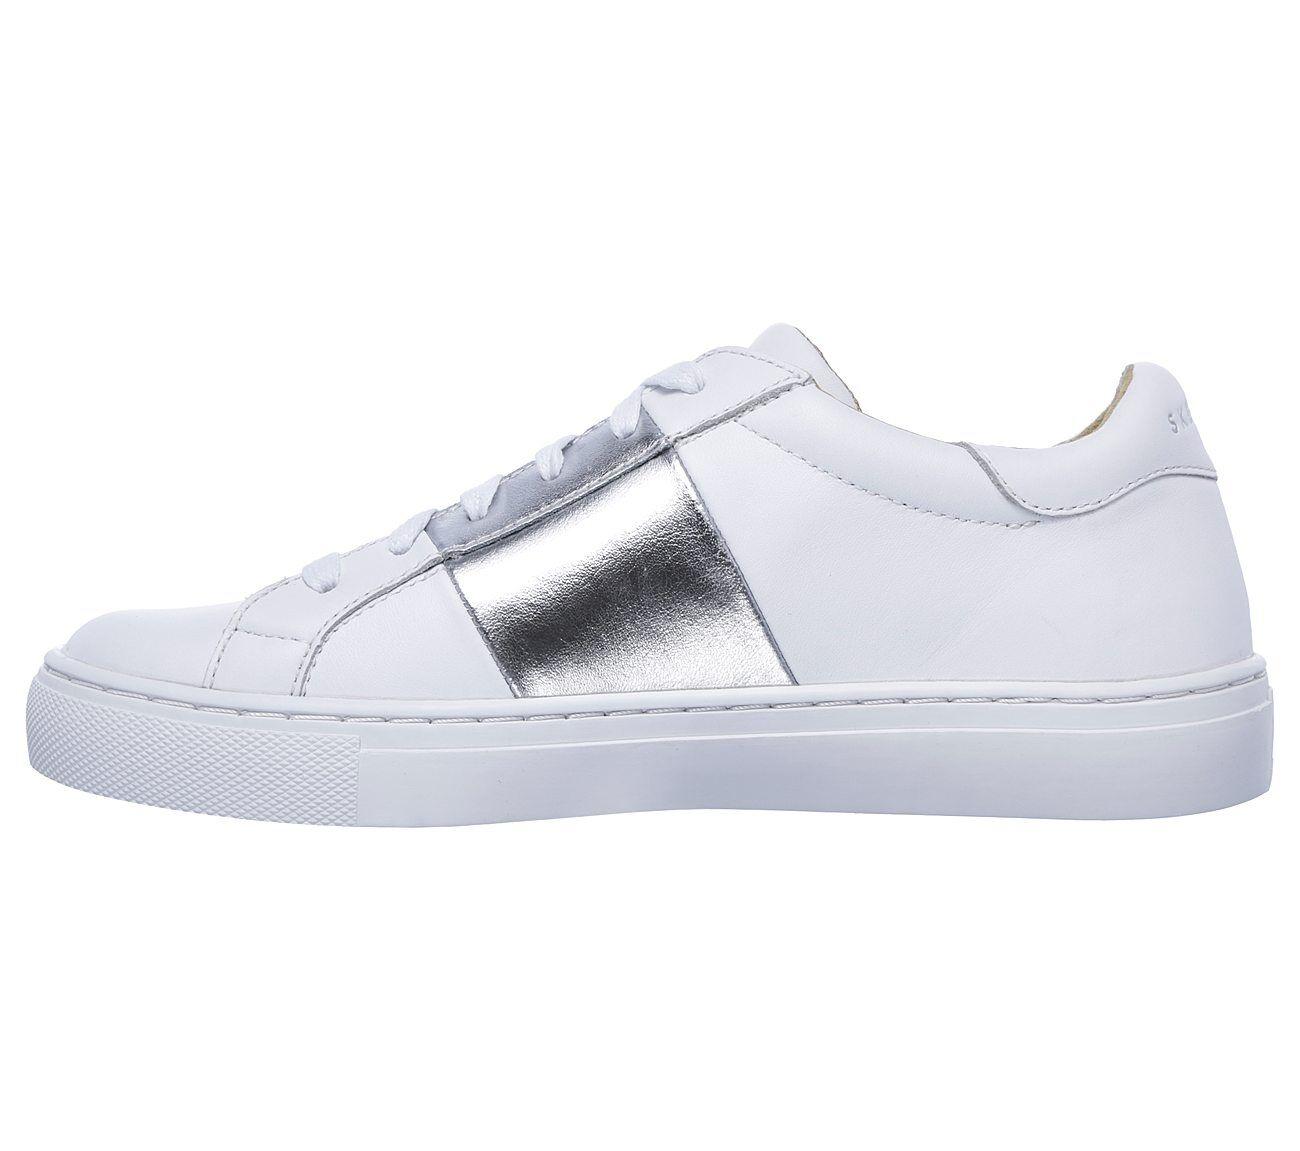 Skechers Side Street – Banded White